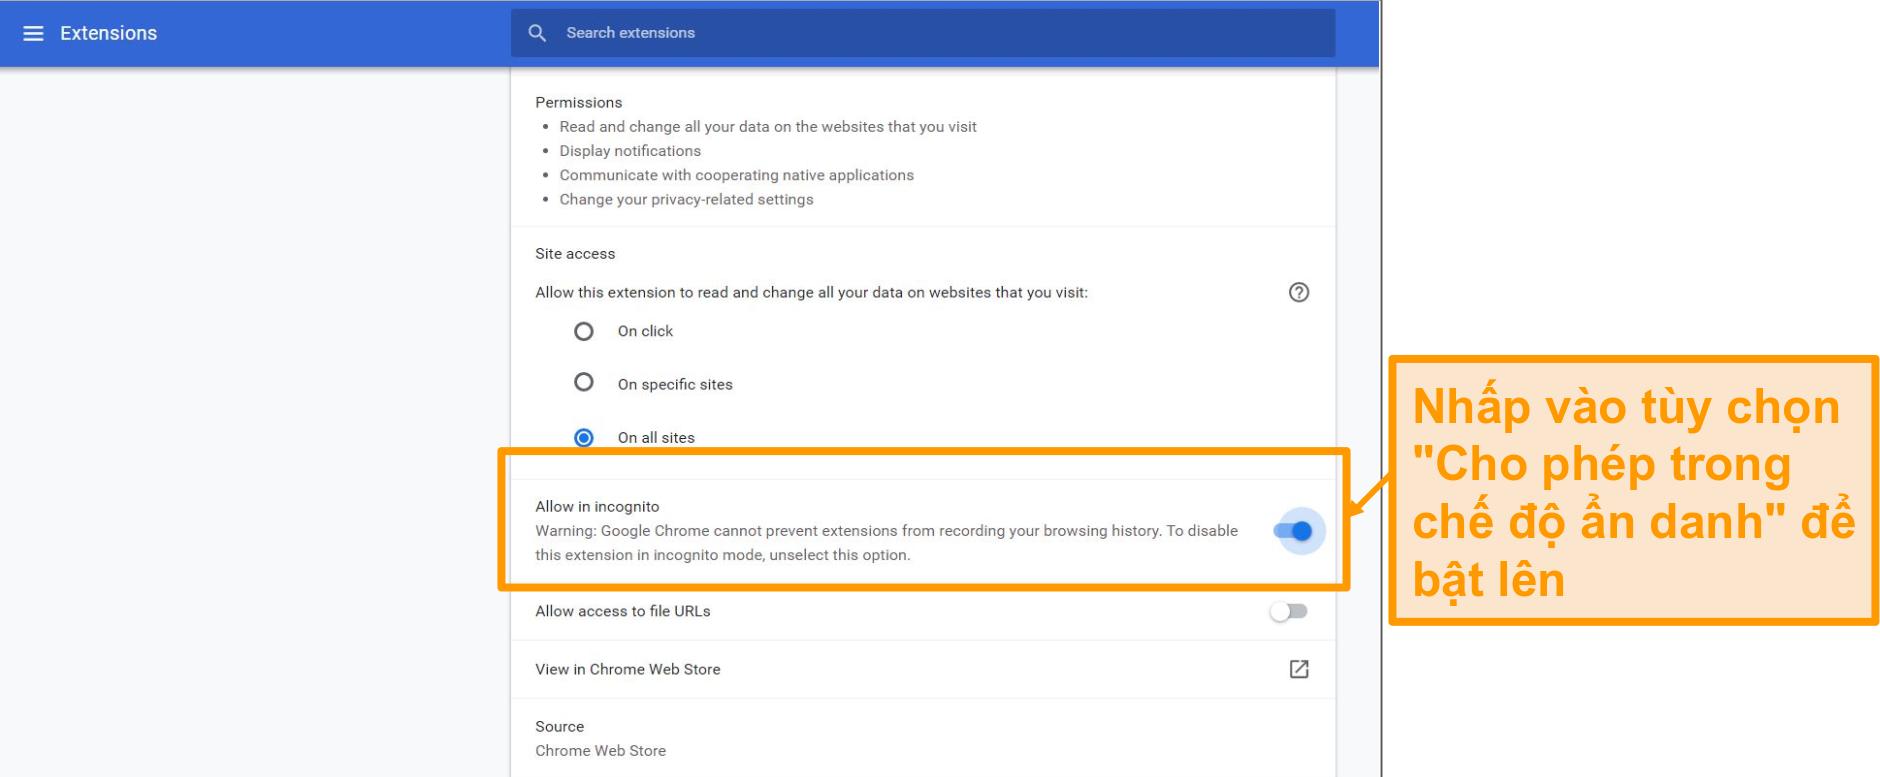 Ảnh chụp màn hình cài đặt tiện ích mở rộng của trình duyệt Google Chrome.